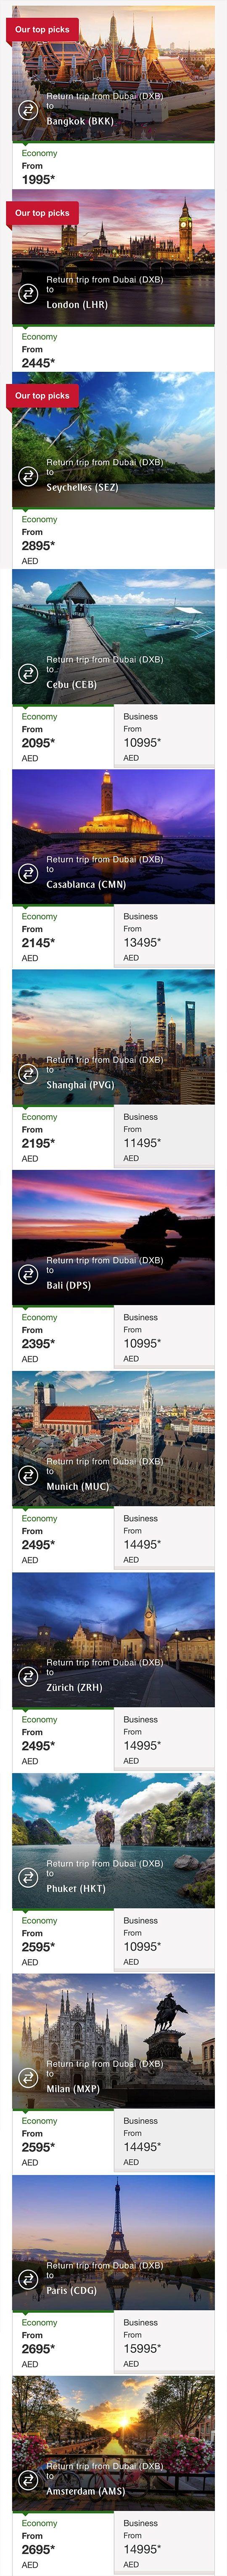 emirates eid fares